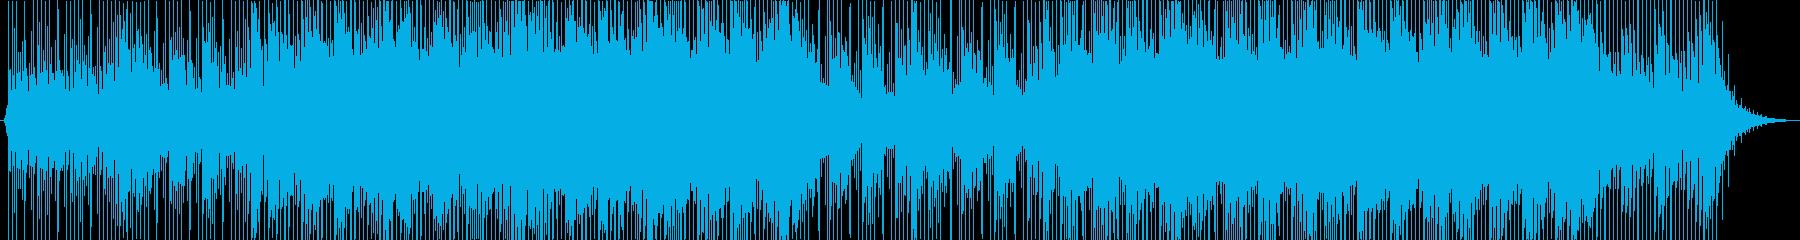 ソフトな企業構成の再生済みの波形